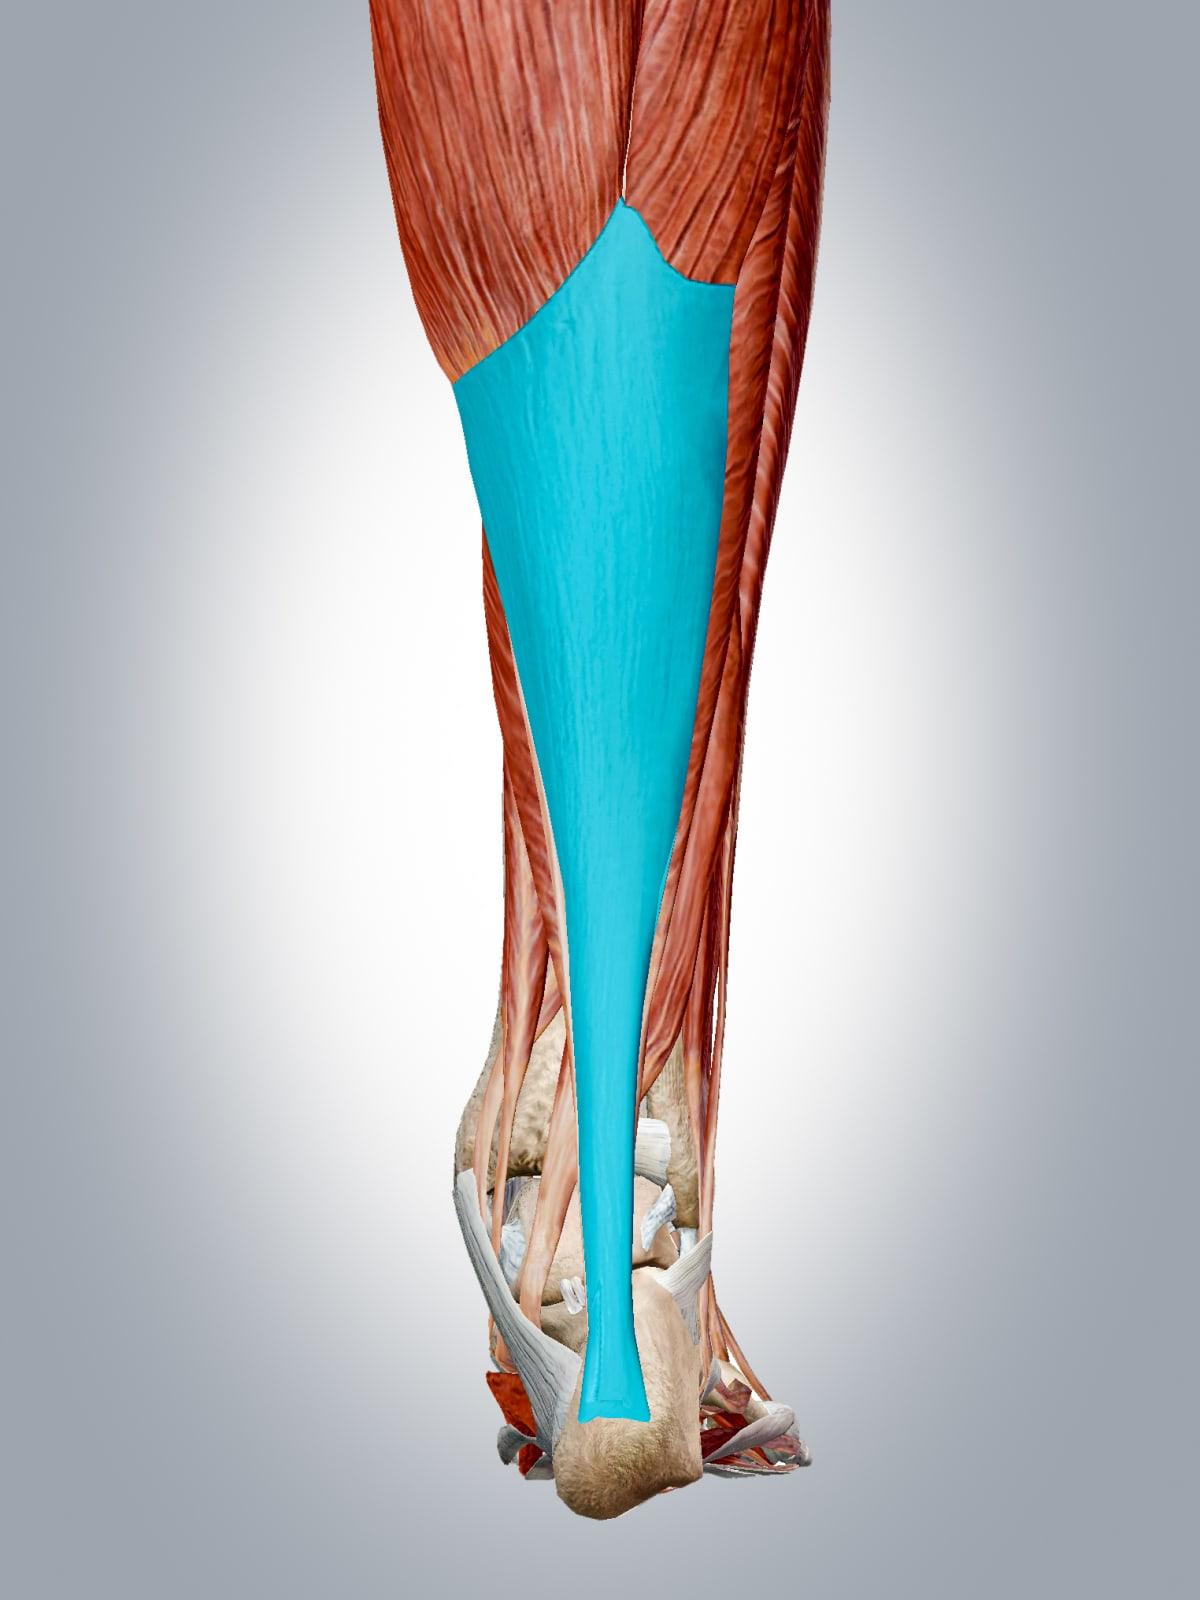 Luurankoihmisen jalka, jossa akillesjänne näkyy sinisellä.